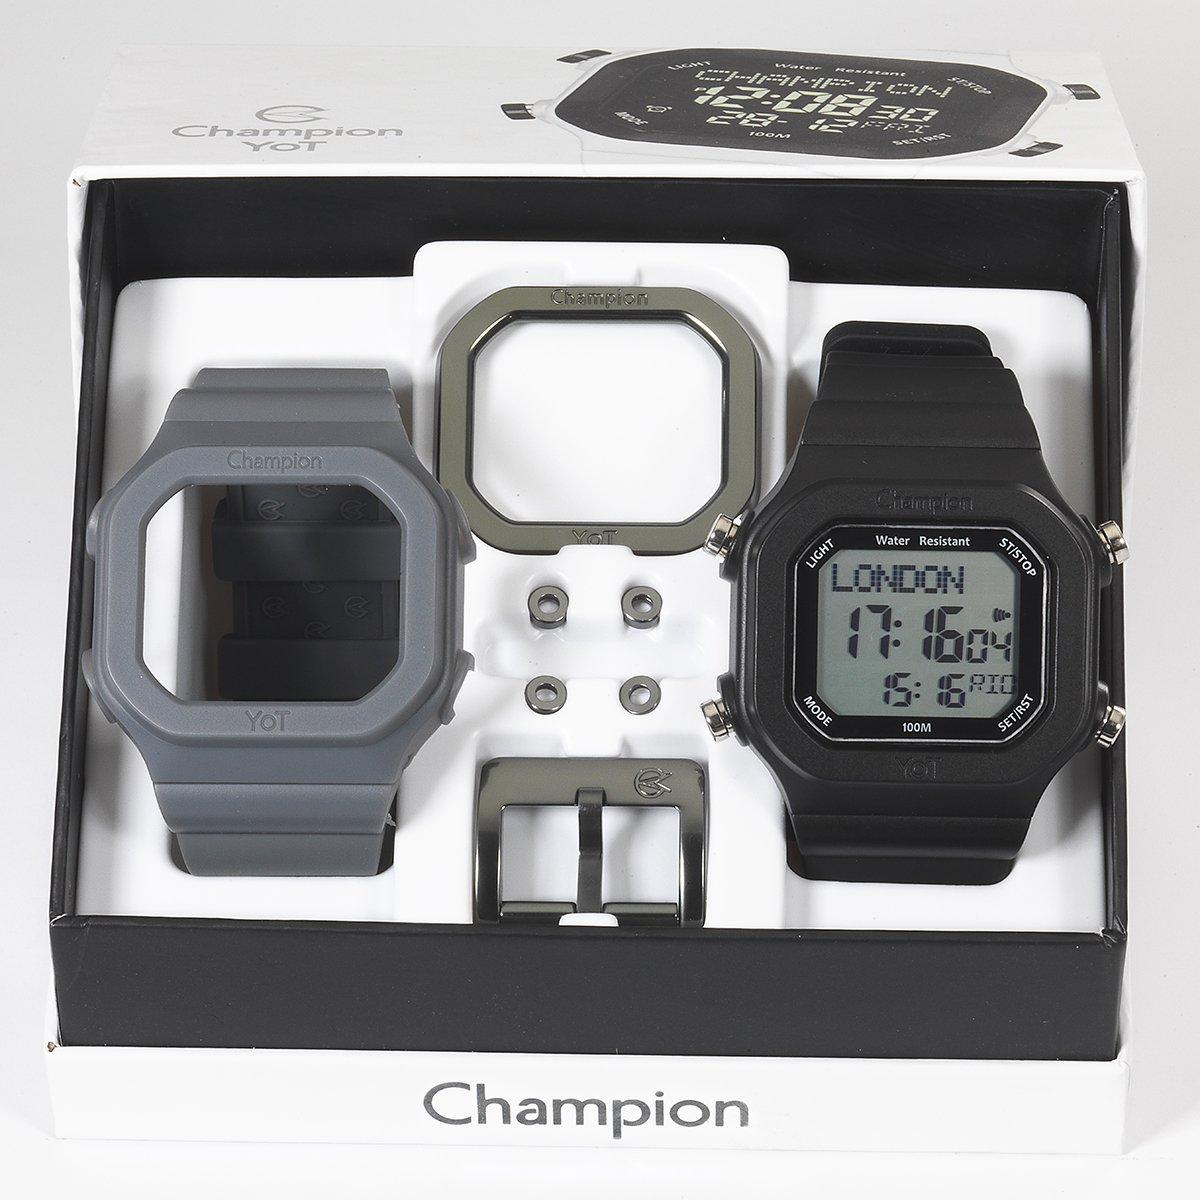 c26affc84e0 Relógio Champion YOT c  Pulseiras e Acessórios - Compre Agora